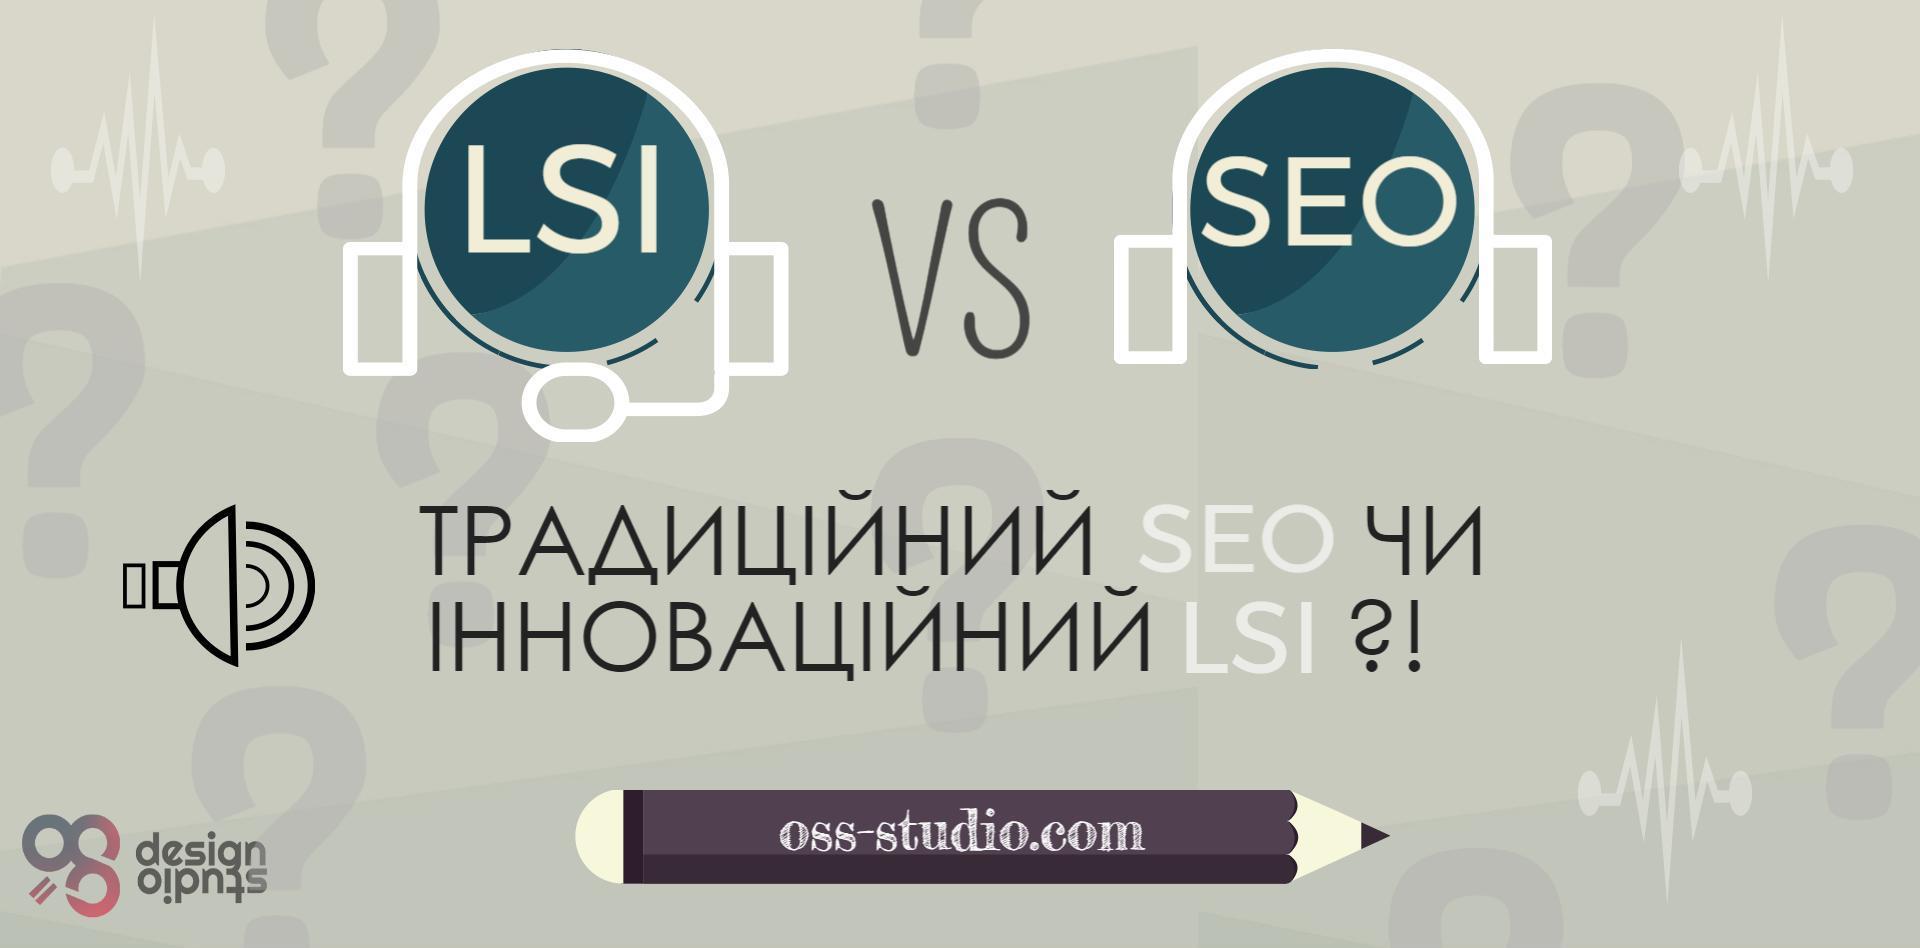 LSI - контент, відмінності Lsi - копірайтингу від Seo - копірайтингу, відмінності копірайтингу, види копірайтингу